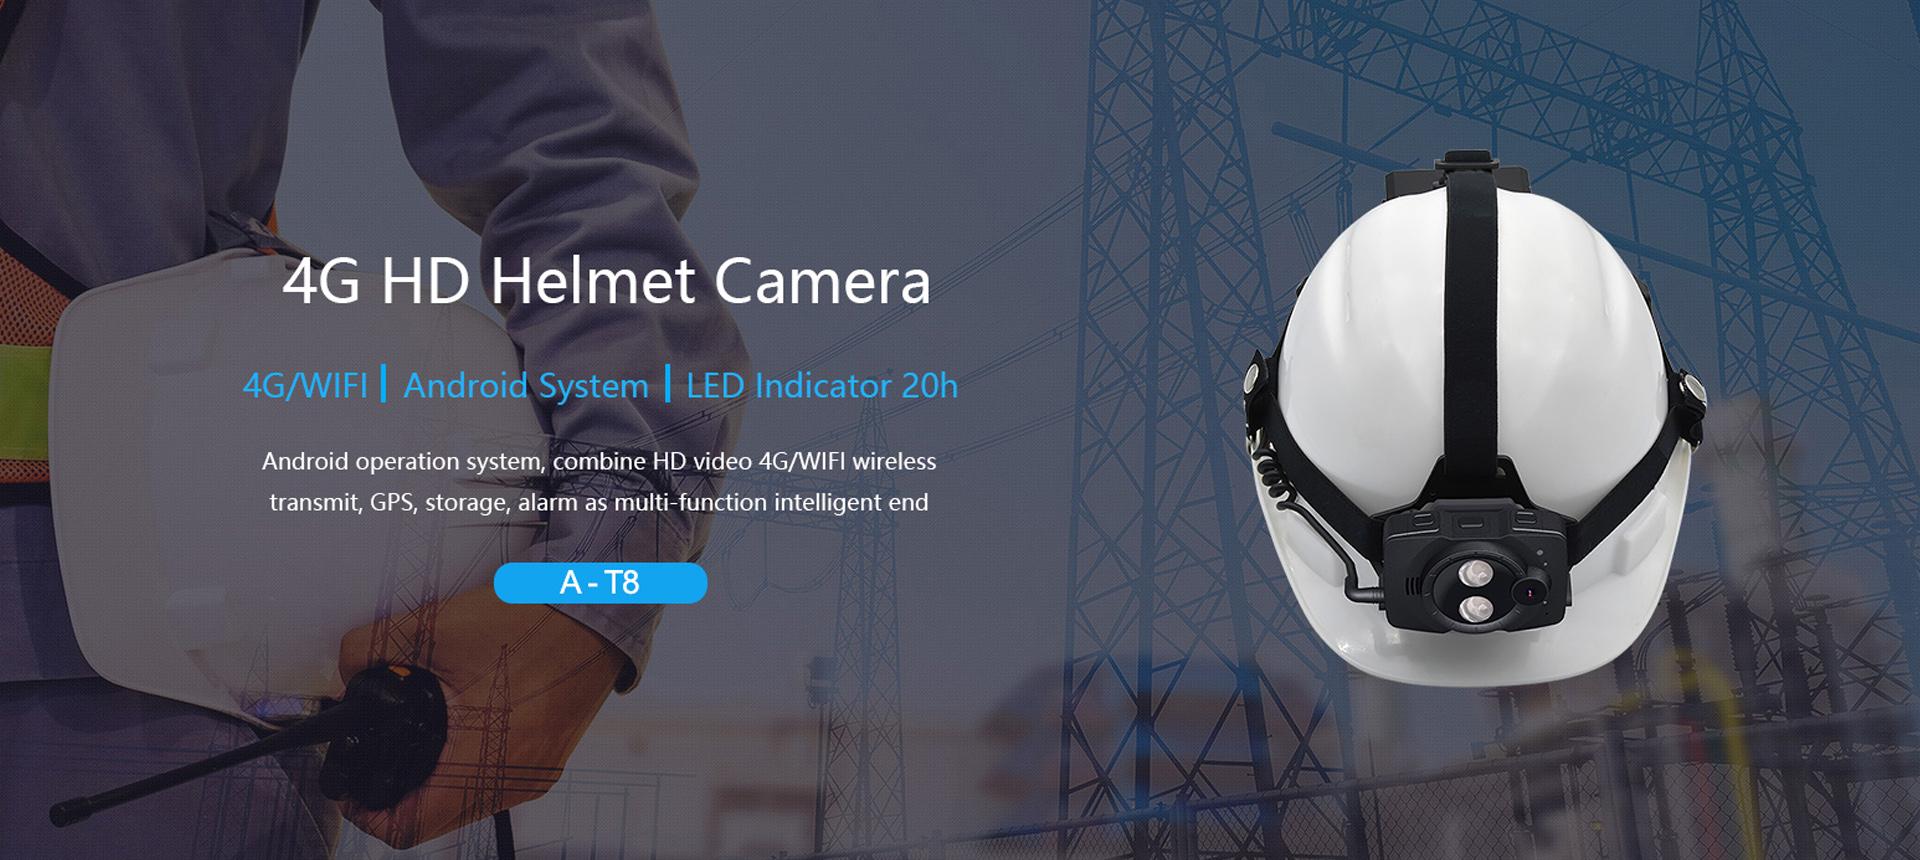 4G HD 1080P Helmet Camera